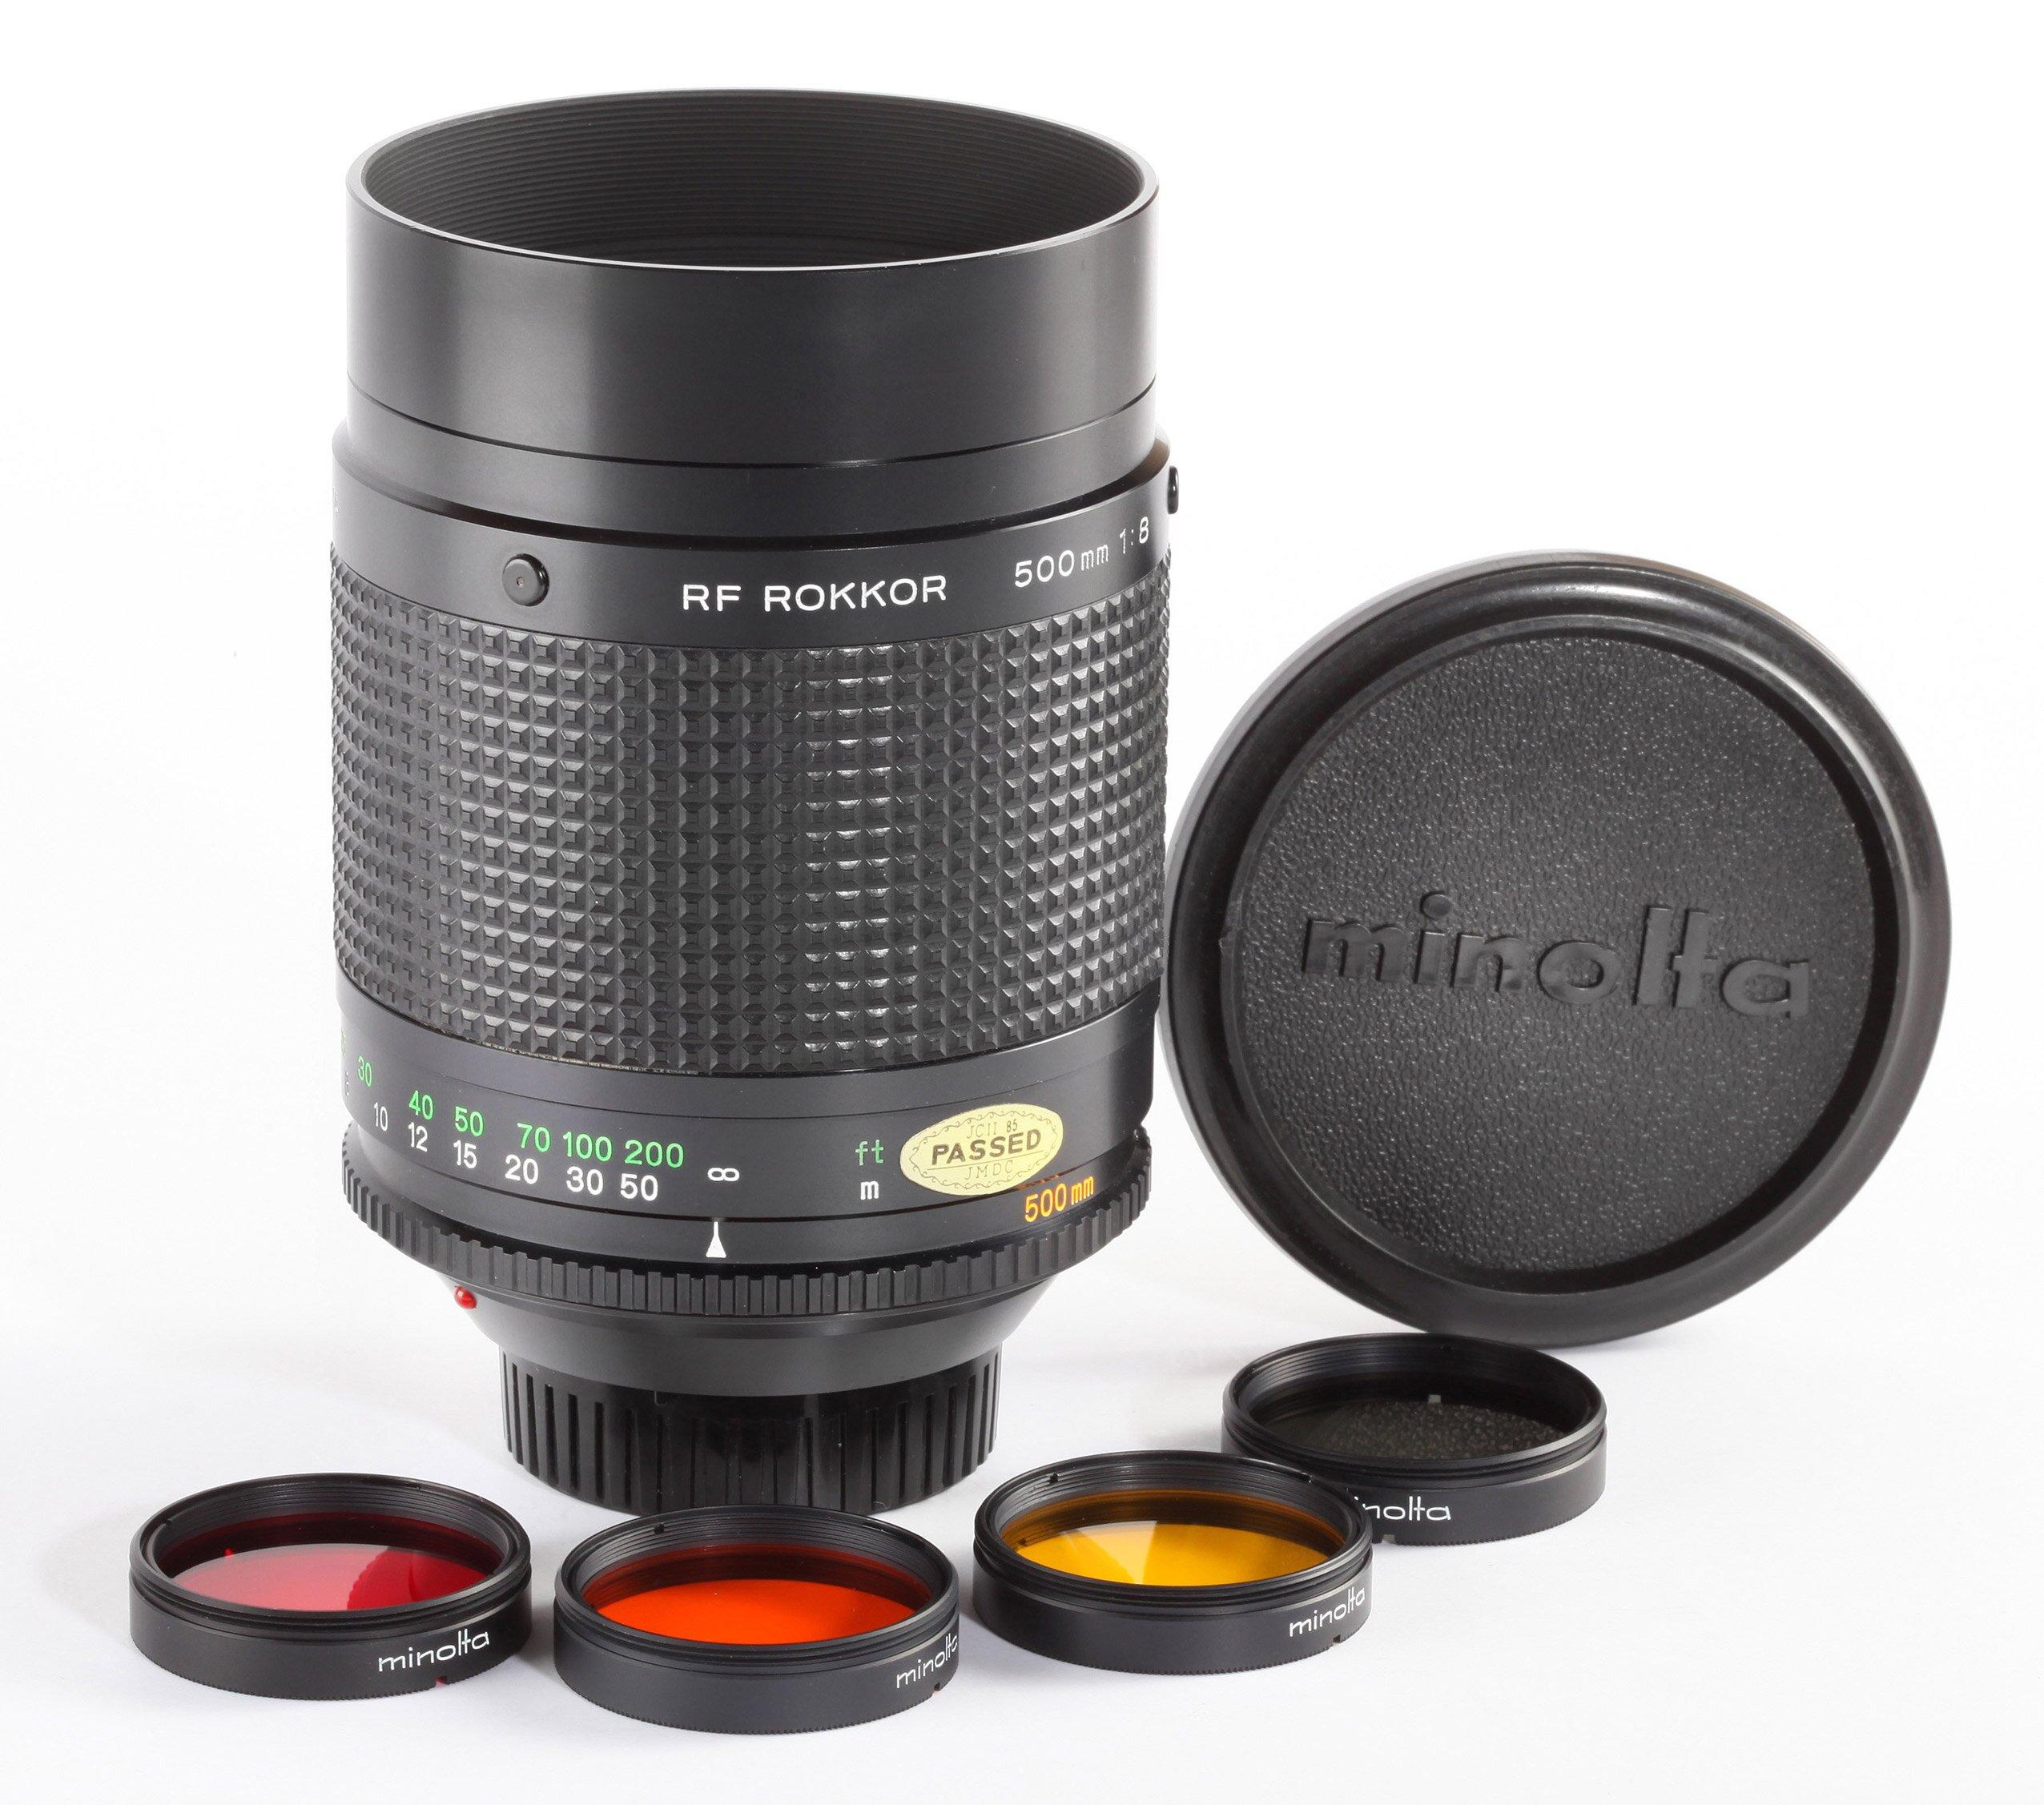 Minolta RF Rokkor 1,8/500mm